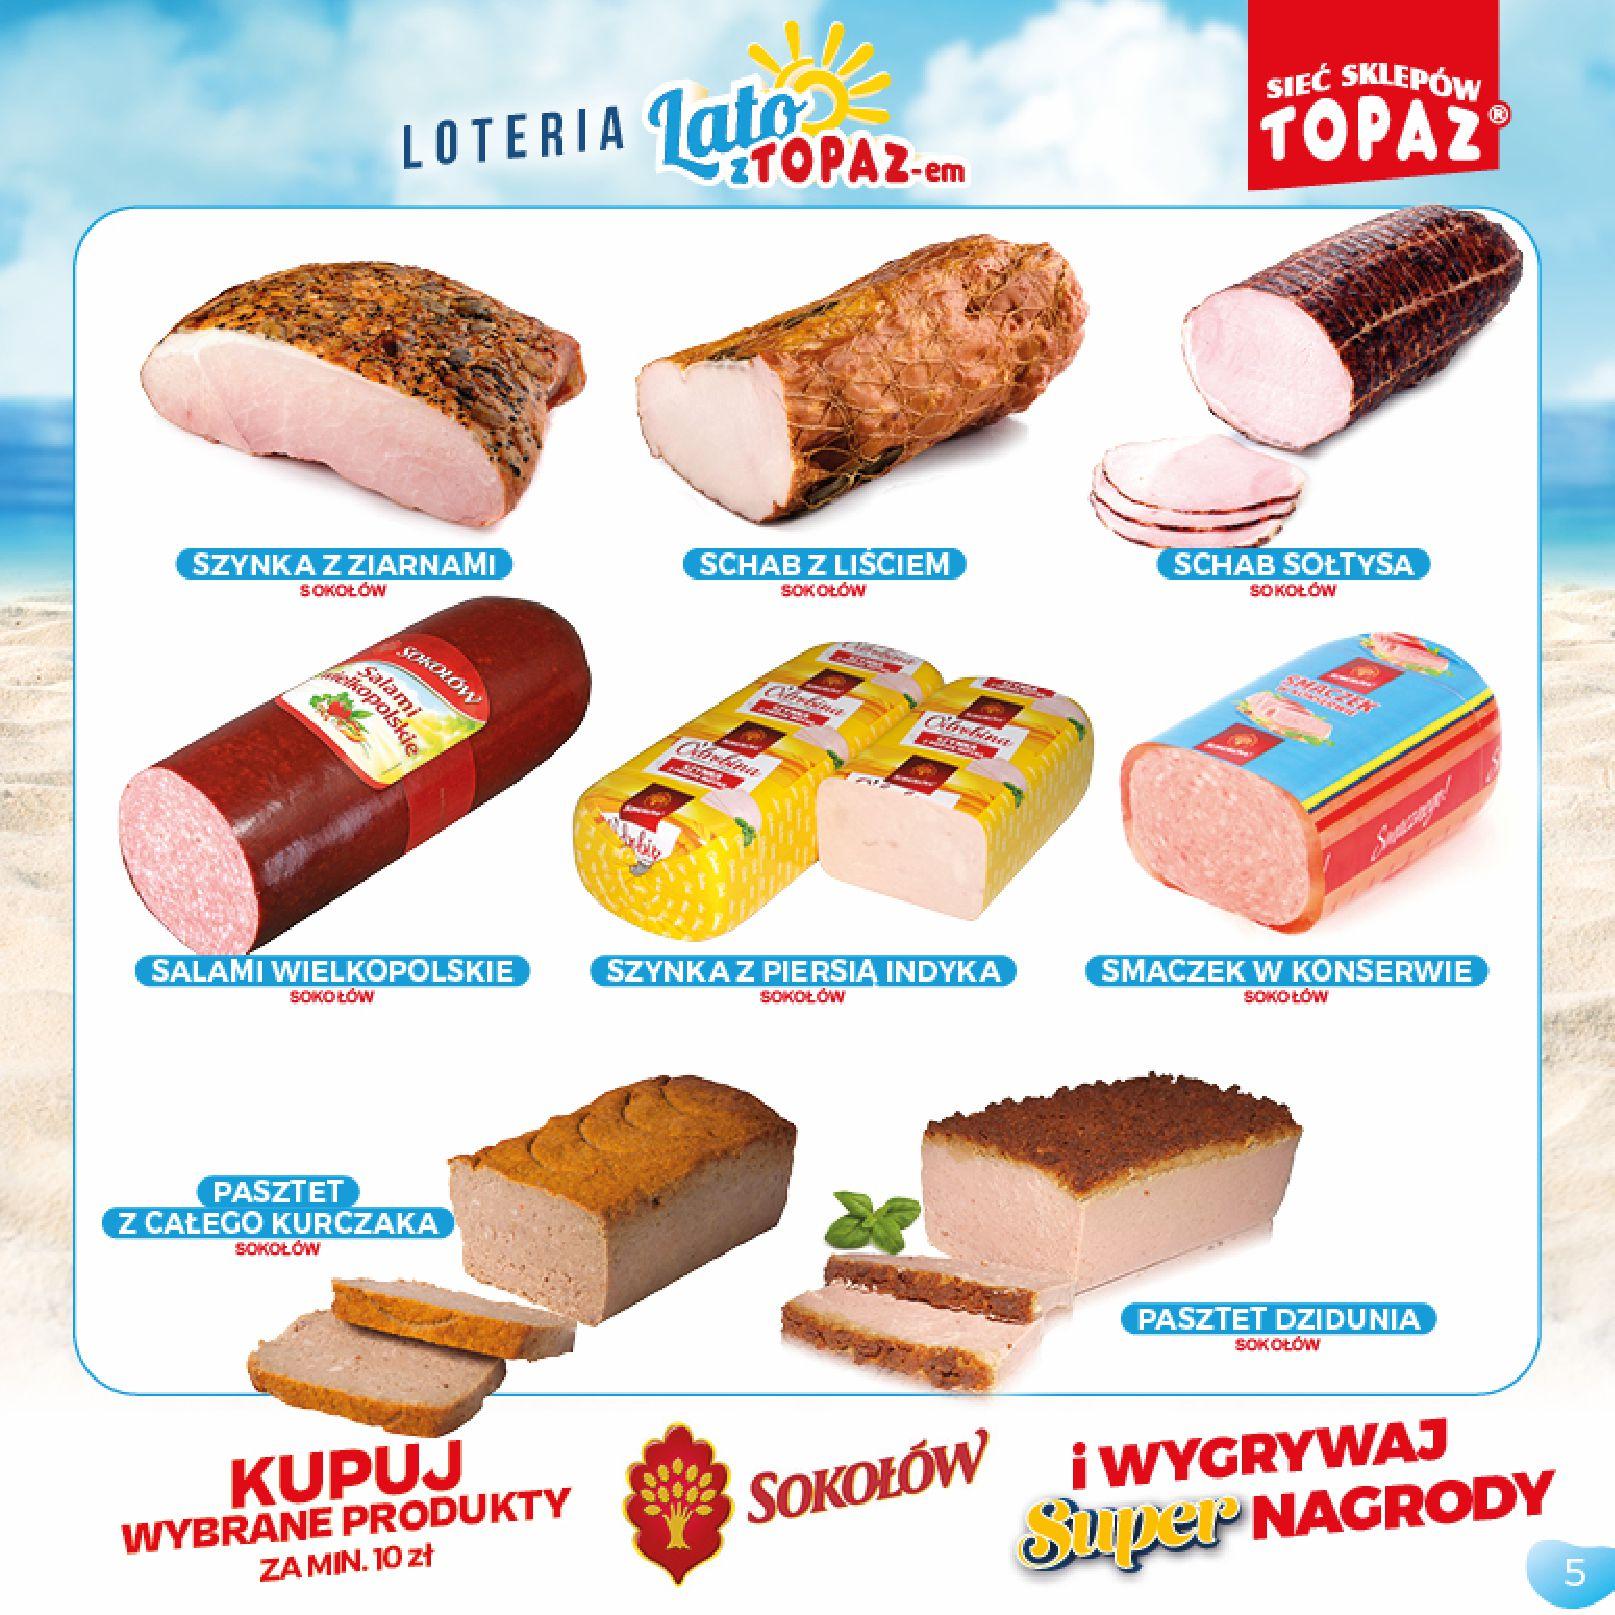 Gazetka TOPAZ: Gazetka TOPAZ - Loteria 2021-07-05 page-5